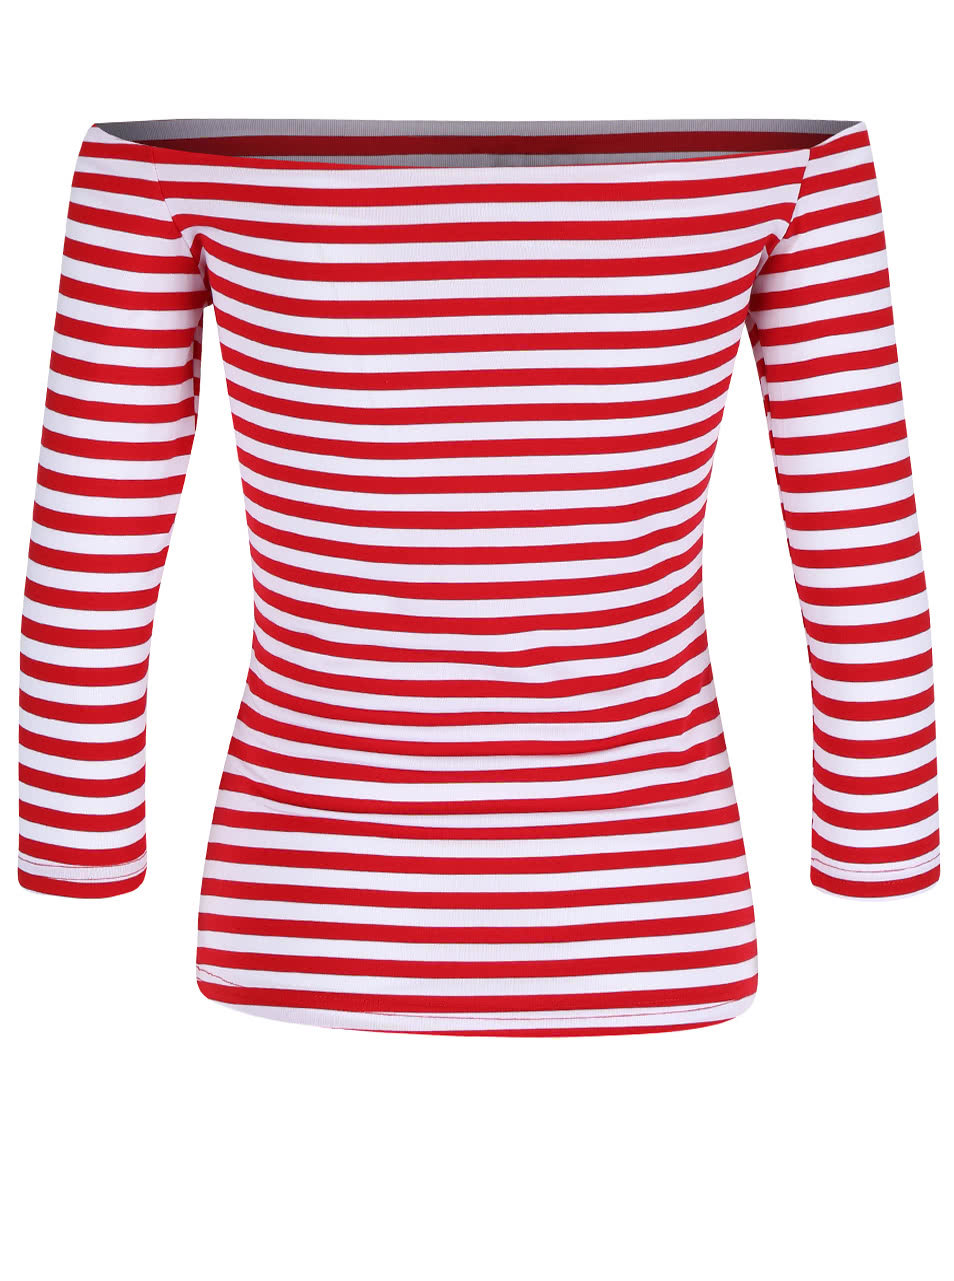 2a76f0b48d Červené pruhované tričko s odhalenými ramenami Dolly   Dotty Gloria ...